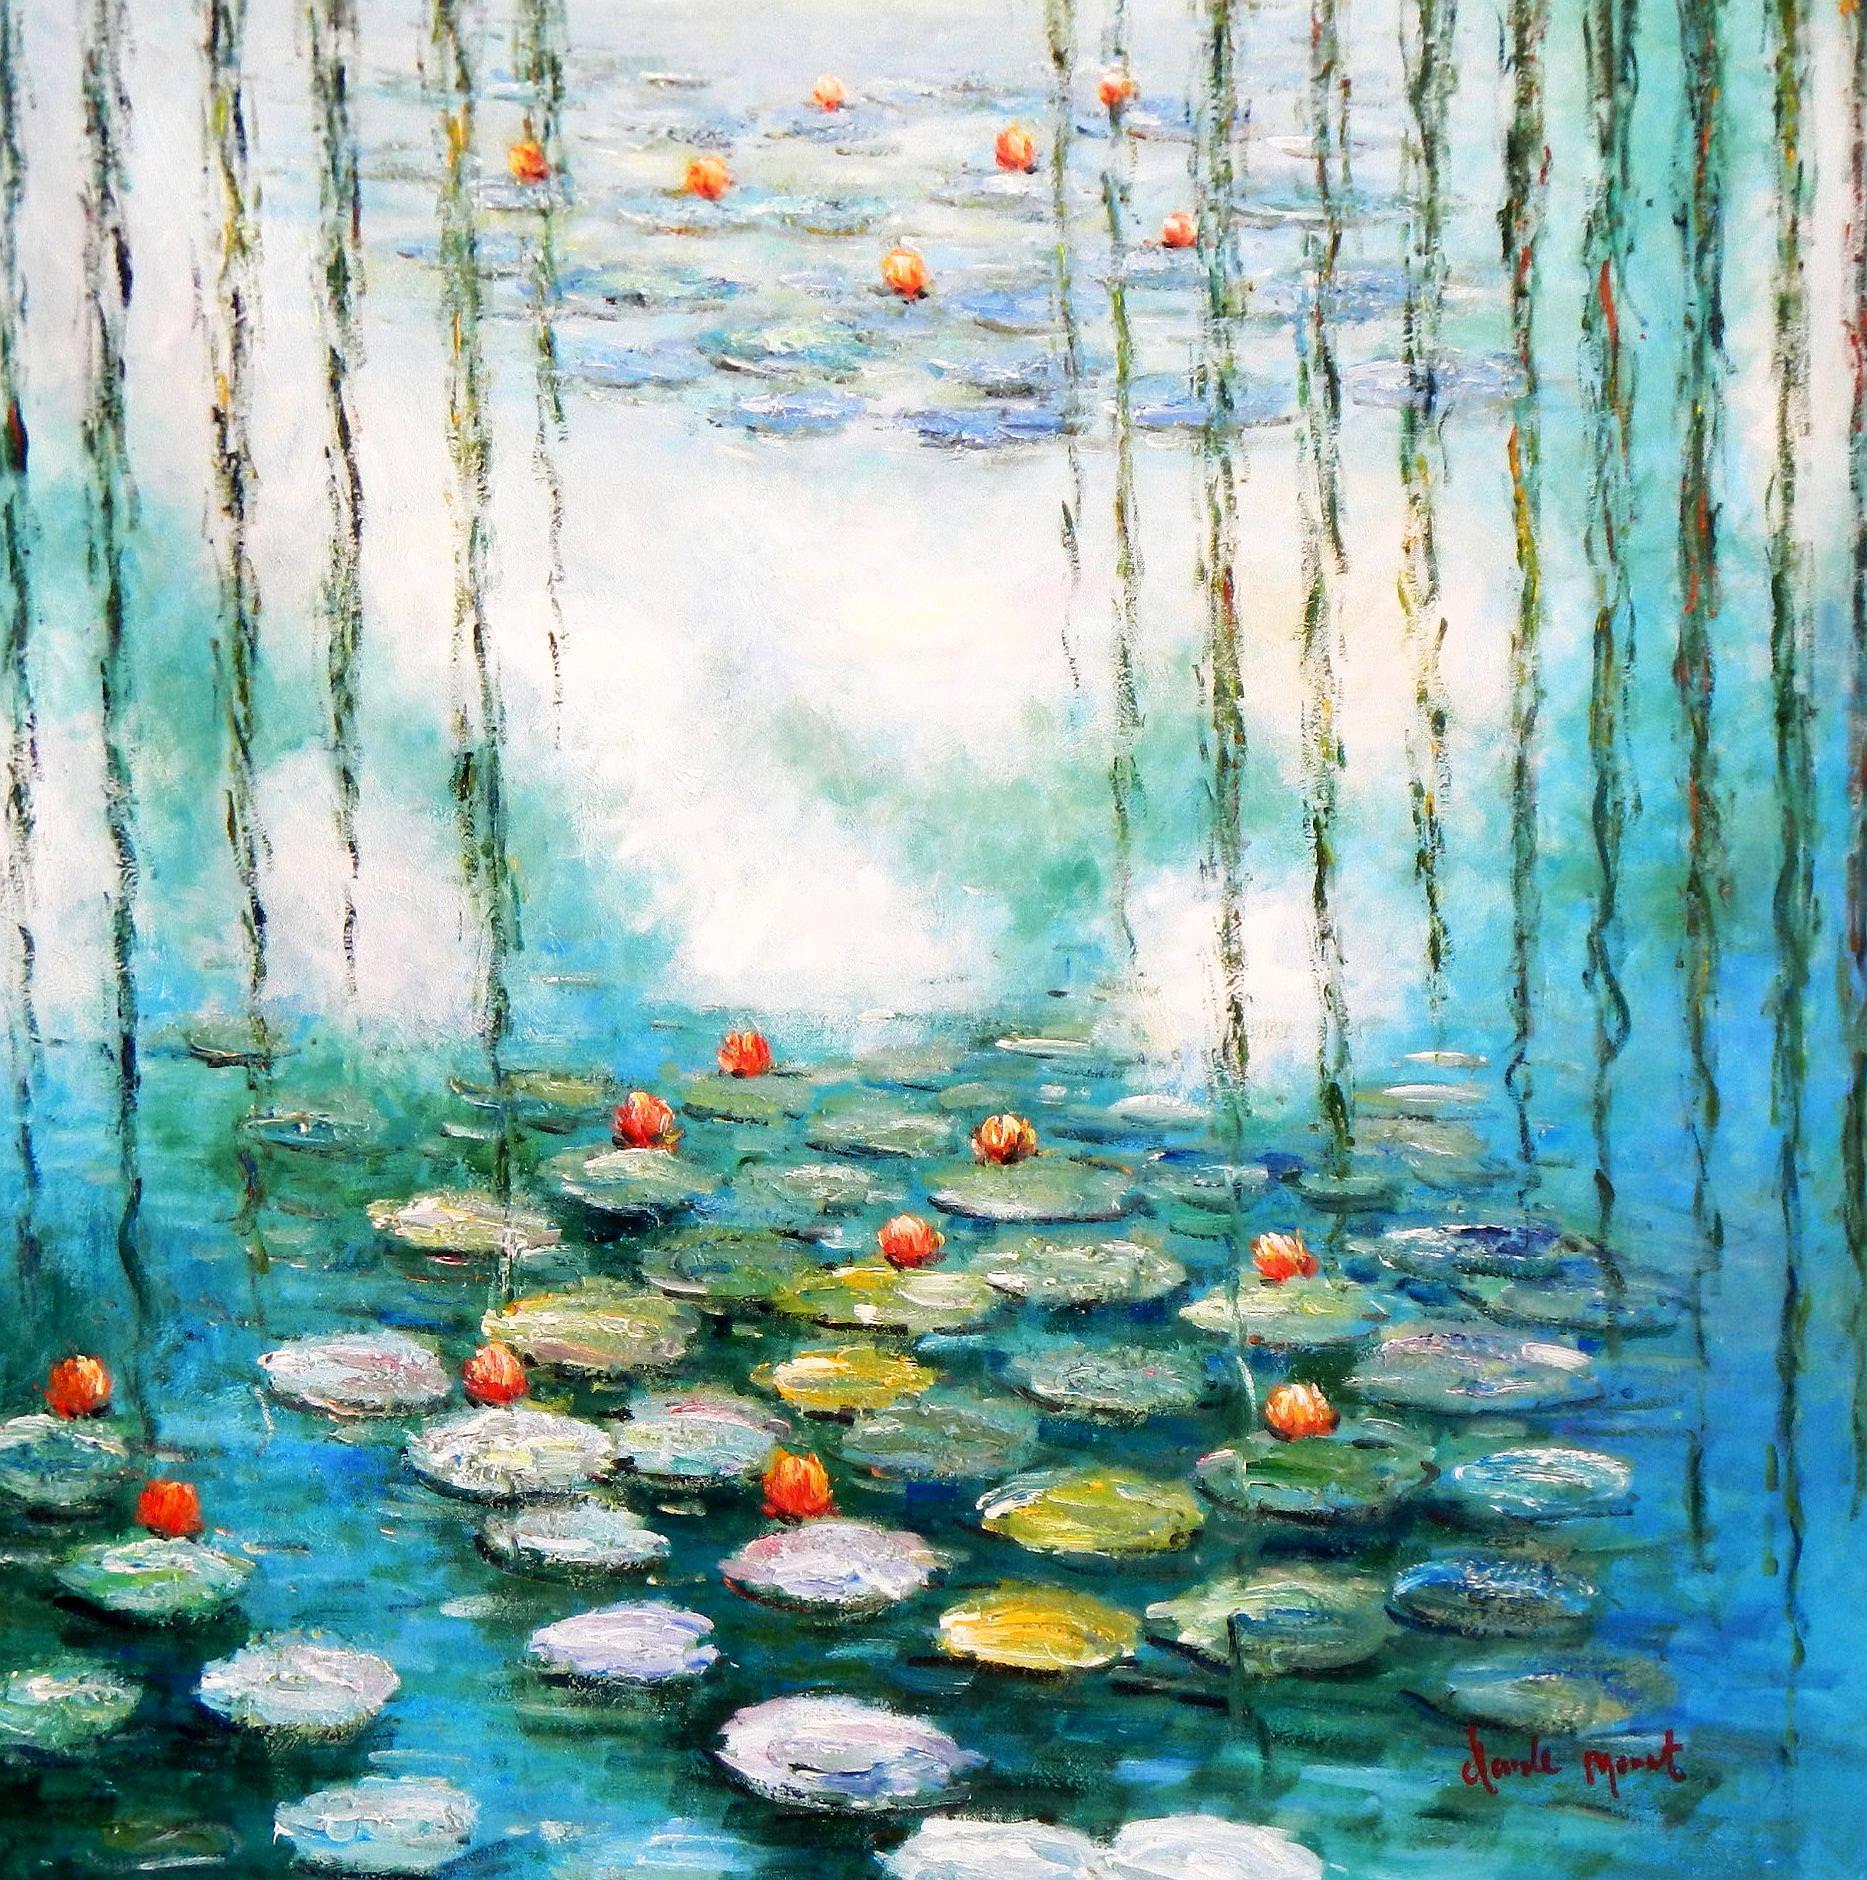 Claude Monet - Seerosen & Weiden Spezialausführung mintgrün g94013 80x80cm Ölbild handgemalt